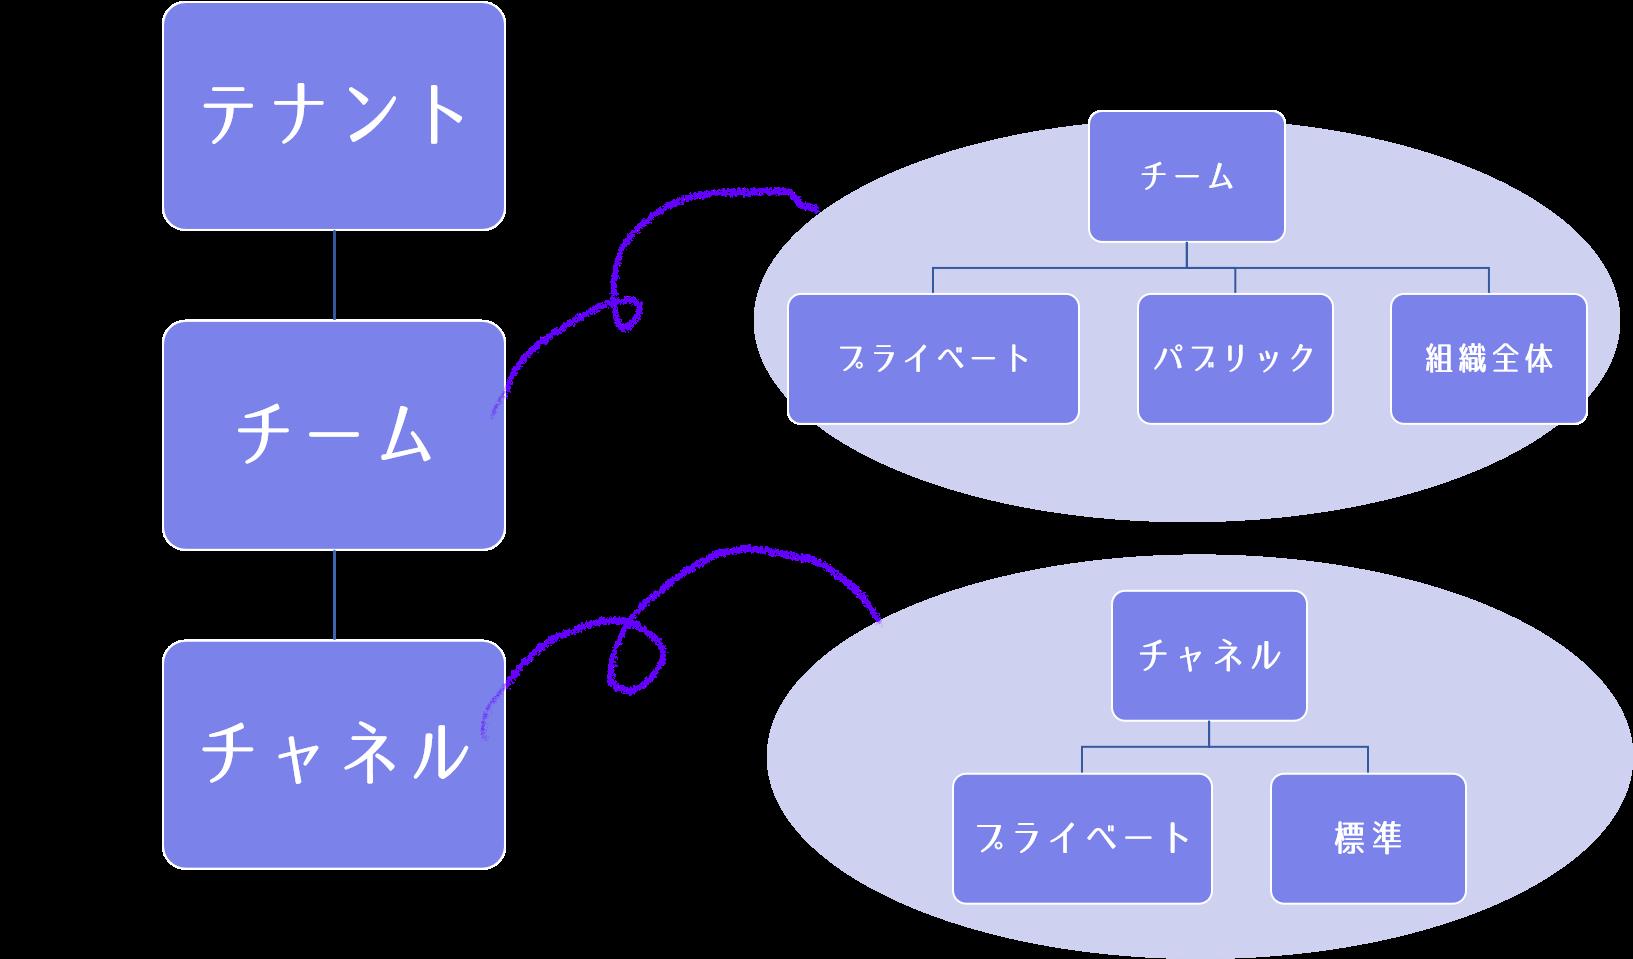 Teamsの階層構造とチームおよびチャネルの種類